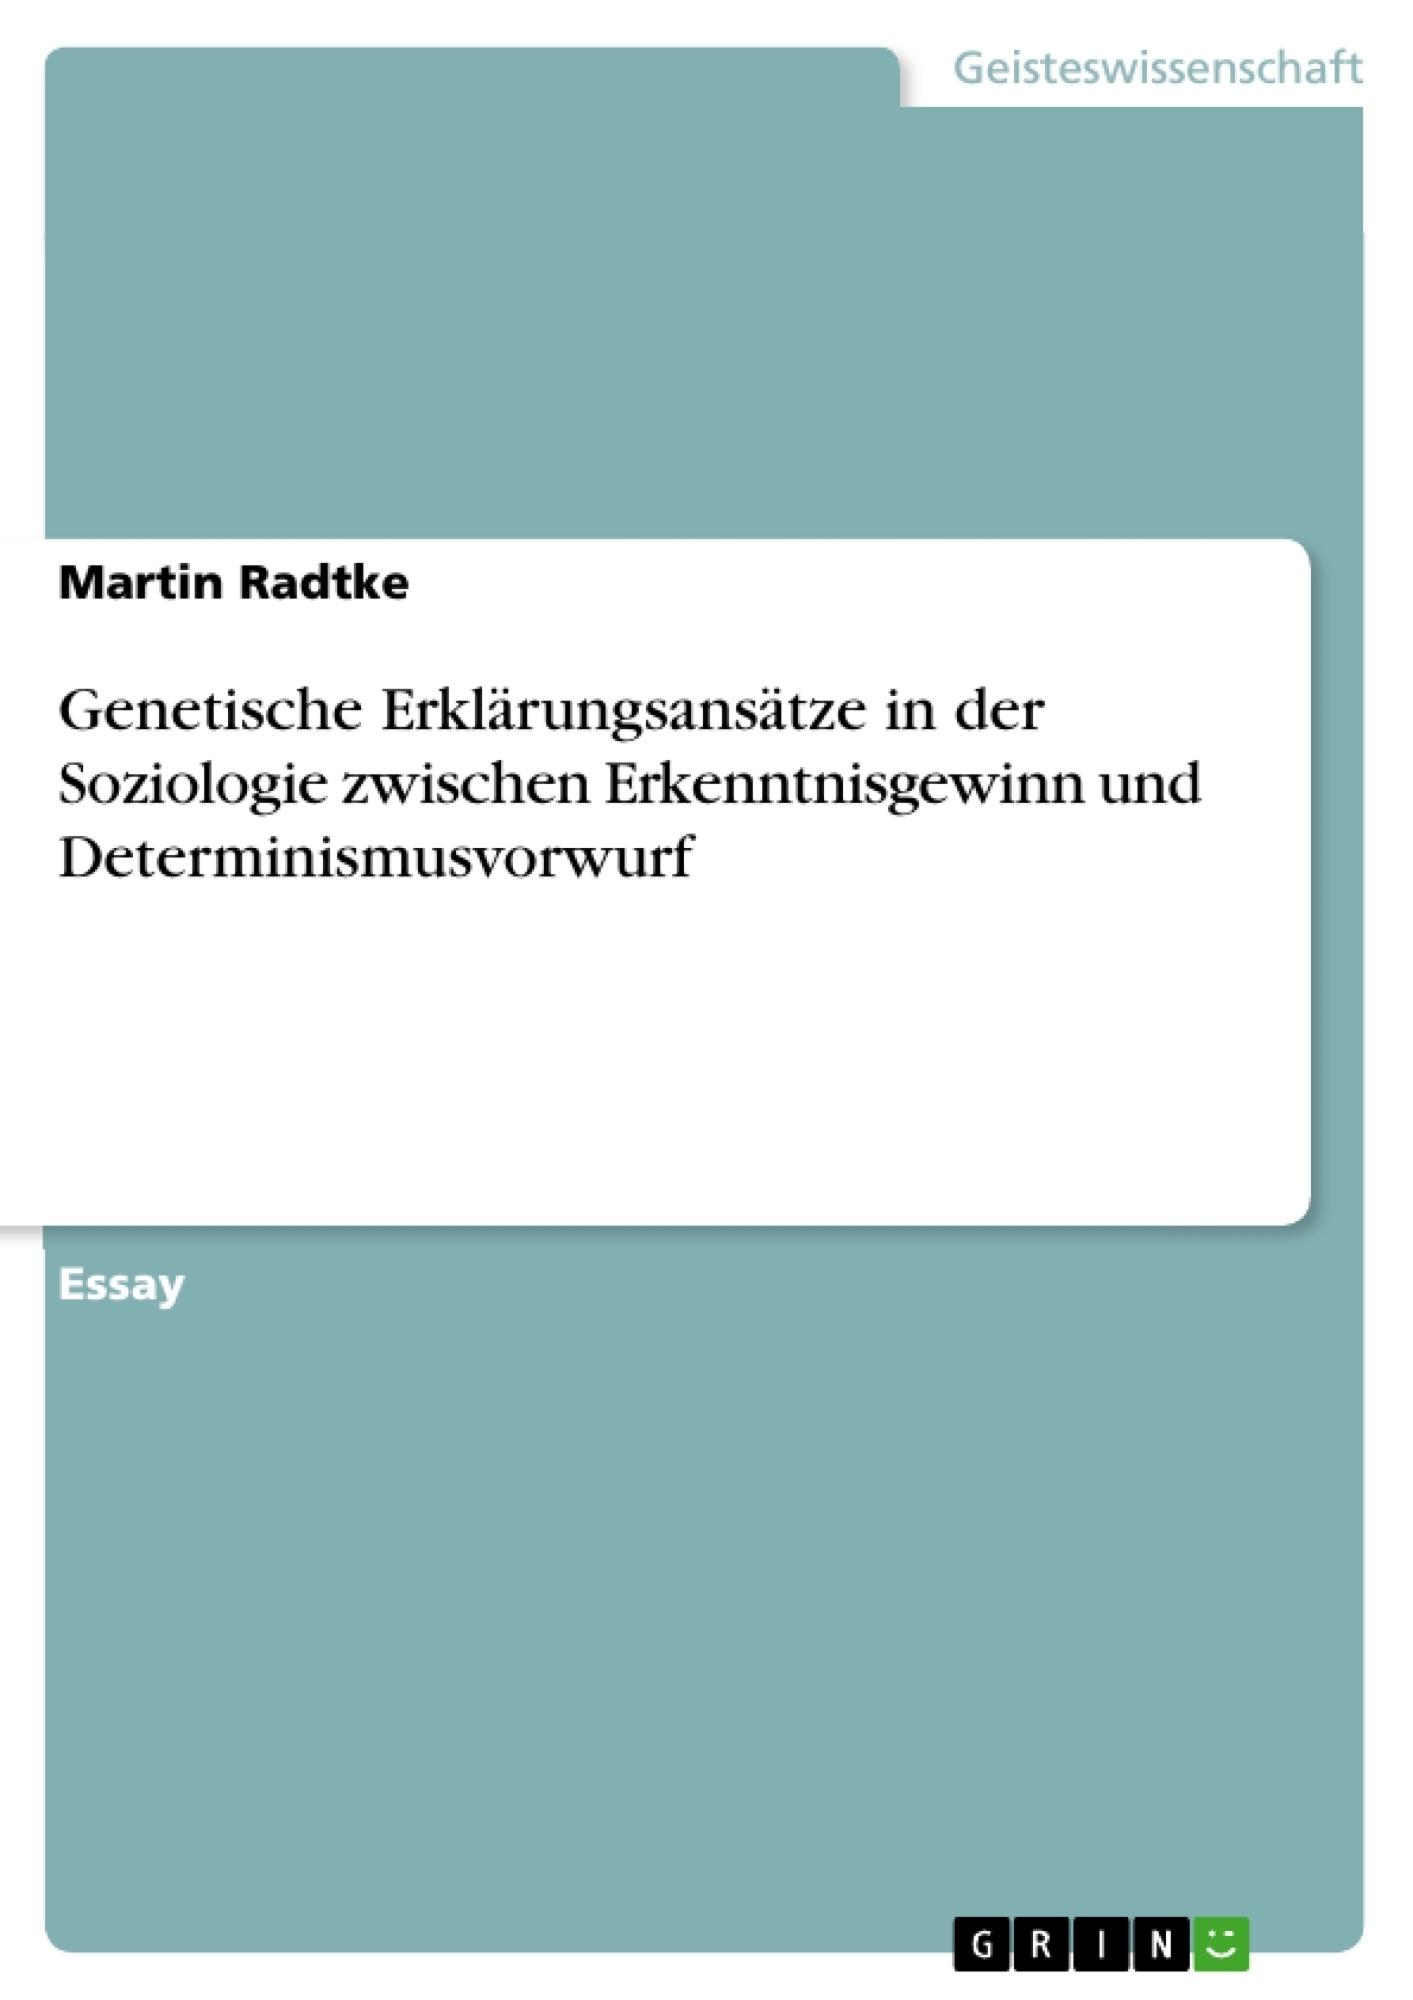 Titel: Genetische Erklärungsansätze in der Soziologie zwischen Erkenntnisgewinn und Determinismusvorwurf